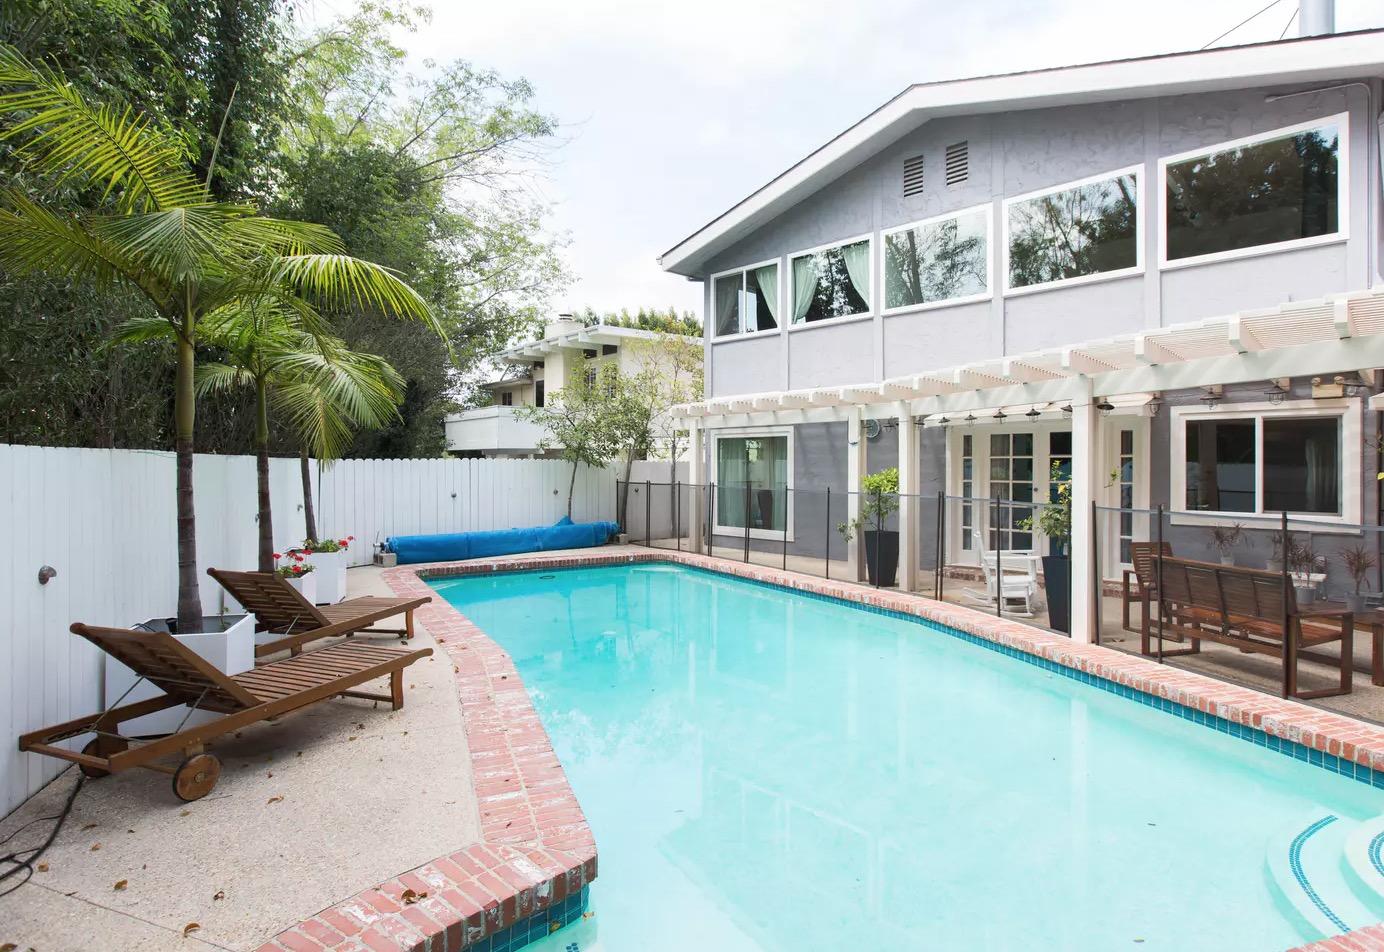 bel air home pool air concierge.jpg